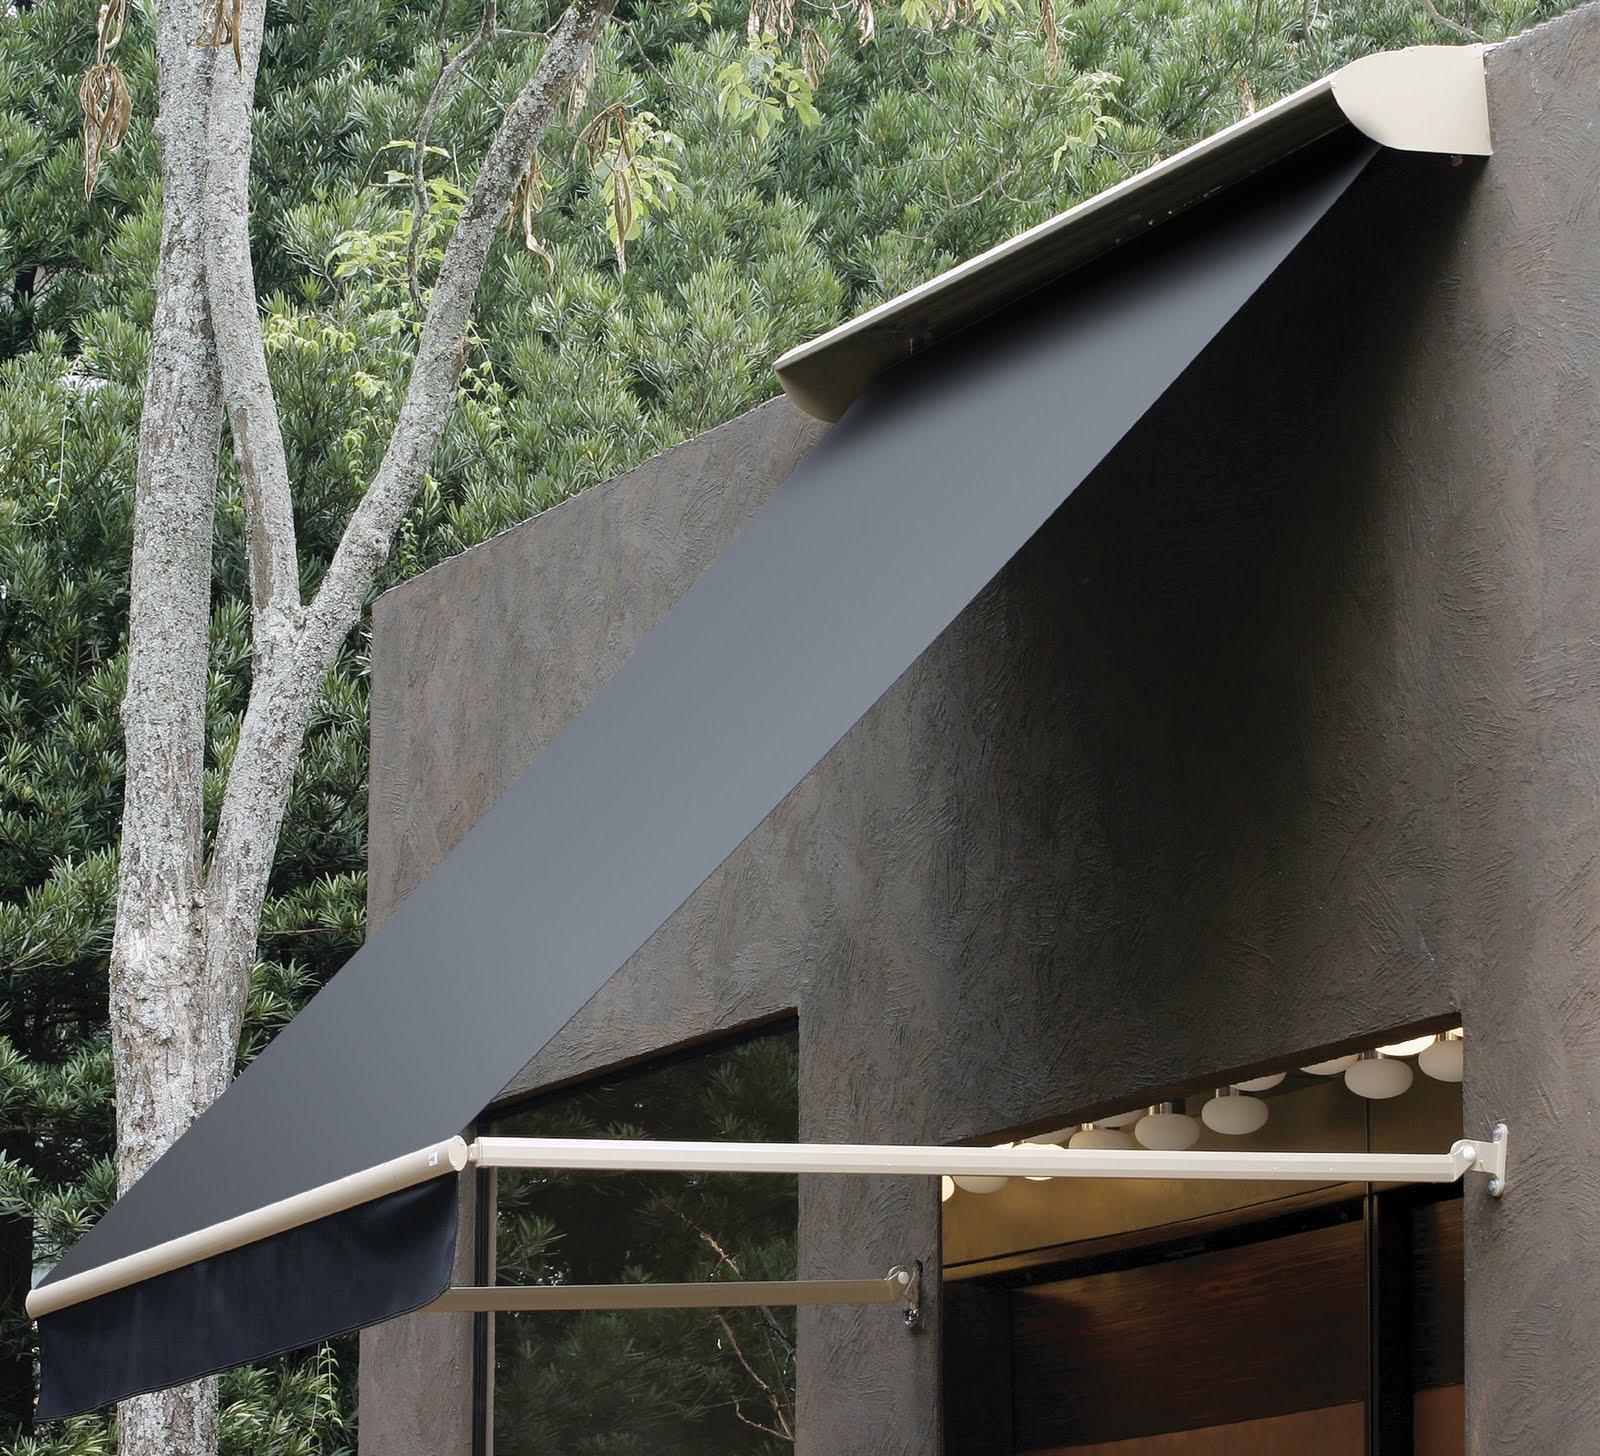 Toldos basa arquitectura y dise o for Imagenes de toldos